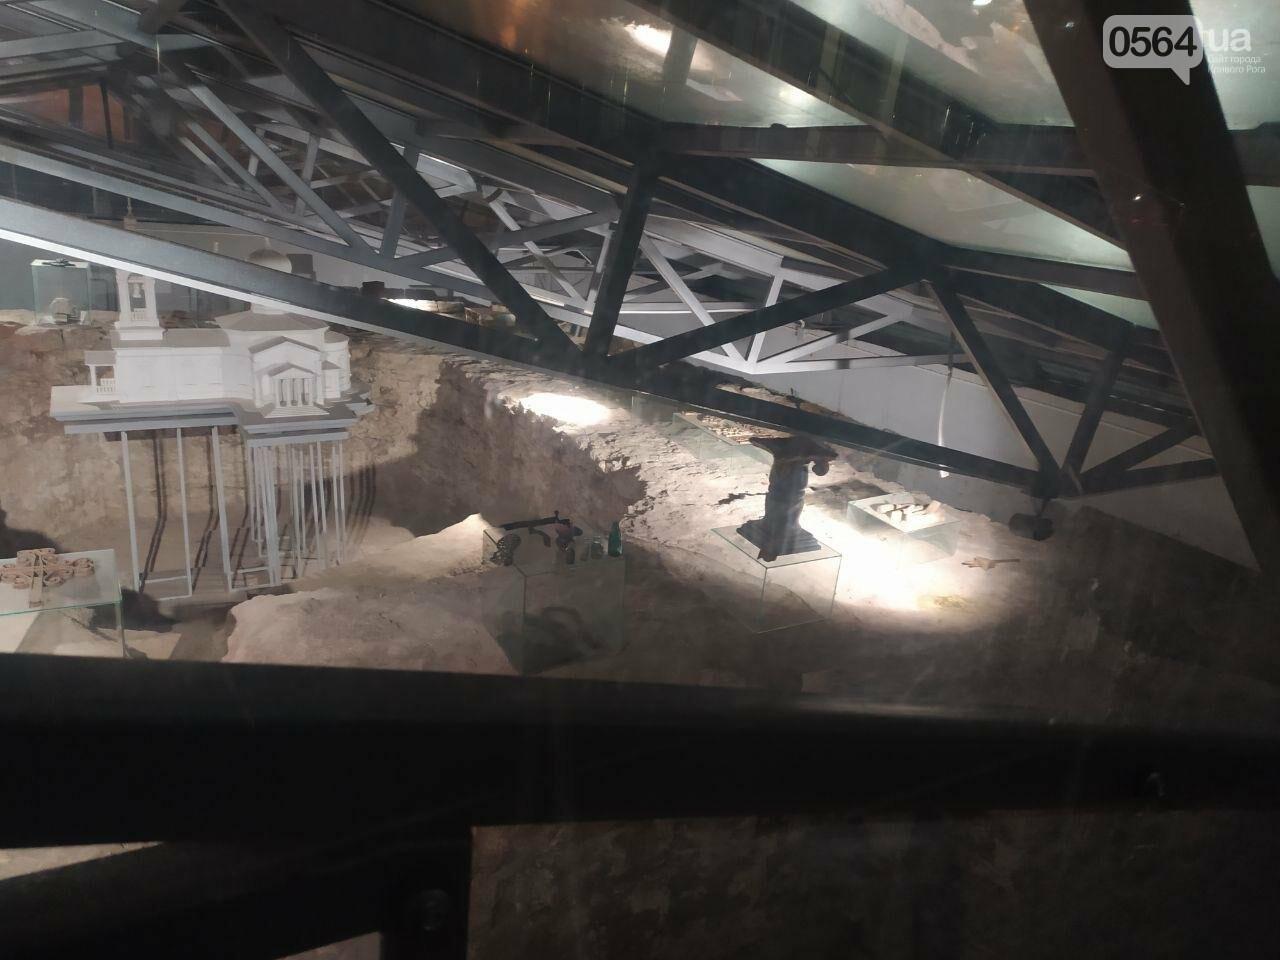 Информация о краже из музейной экспозиции в Кривом Роге в полицию не поступала. Правоохранители начали проверку, - ФОТО, фото-7